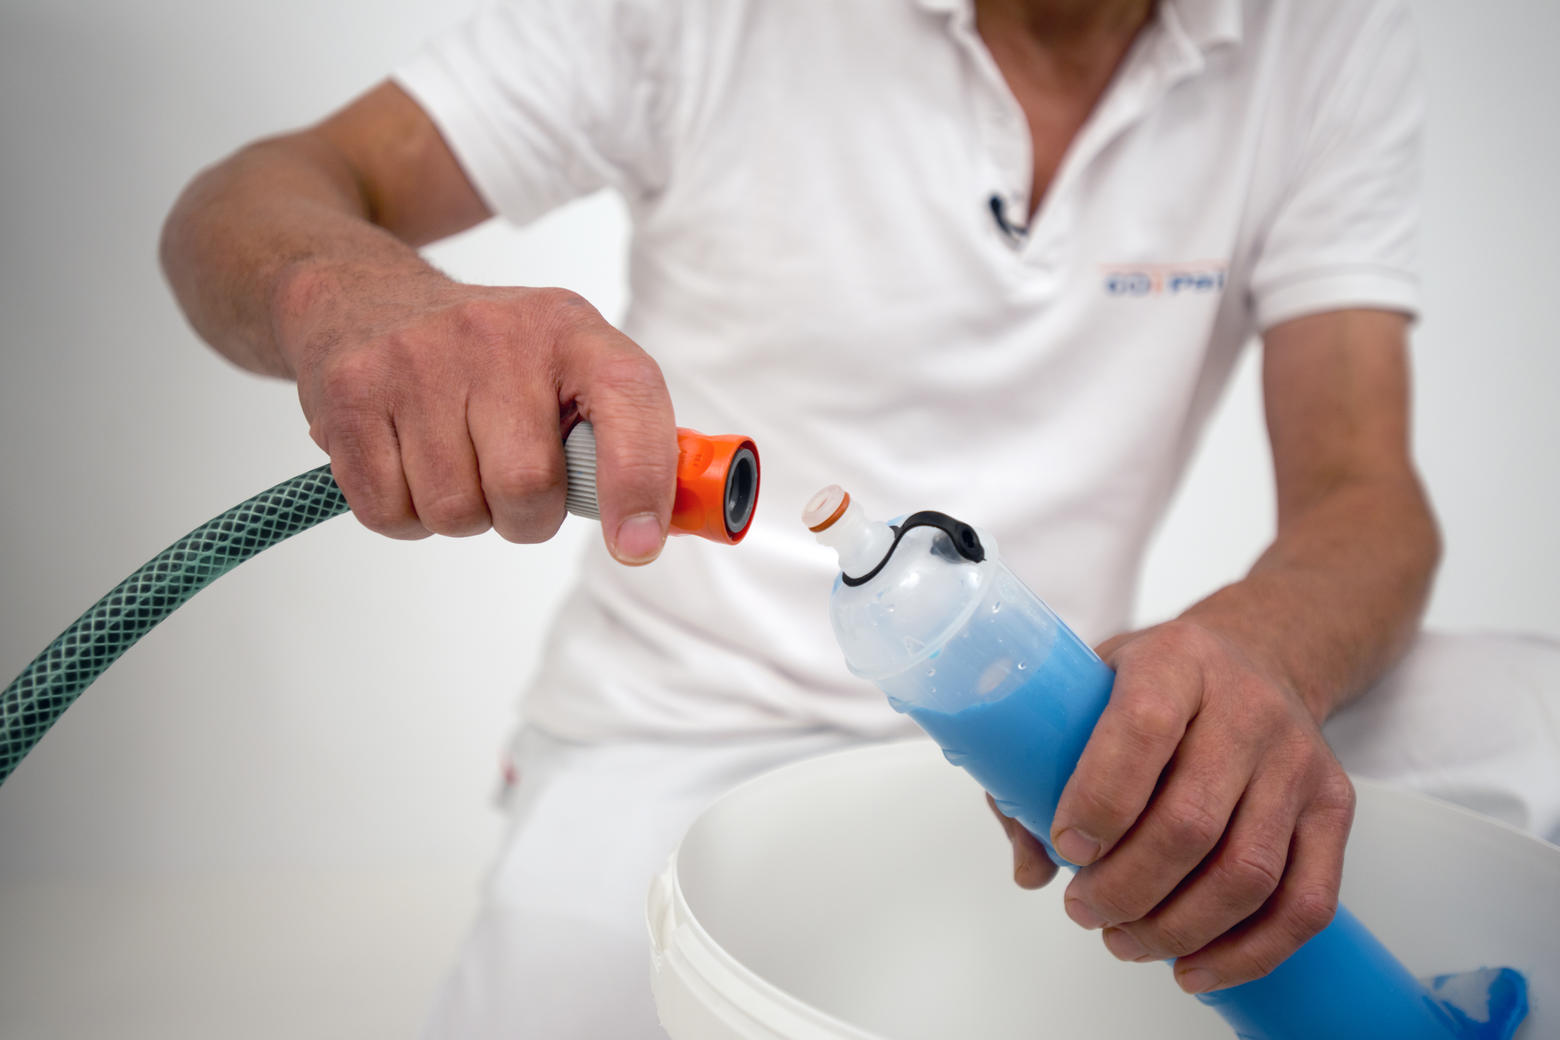 Raccordez-le Roller Cleaner à un flexible à l'aide d'un raccord standard.